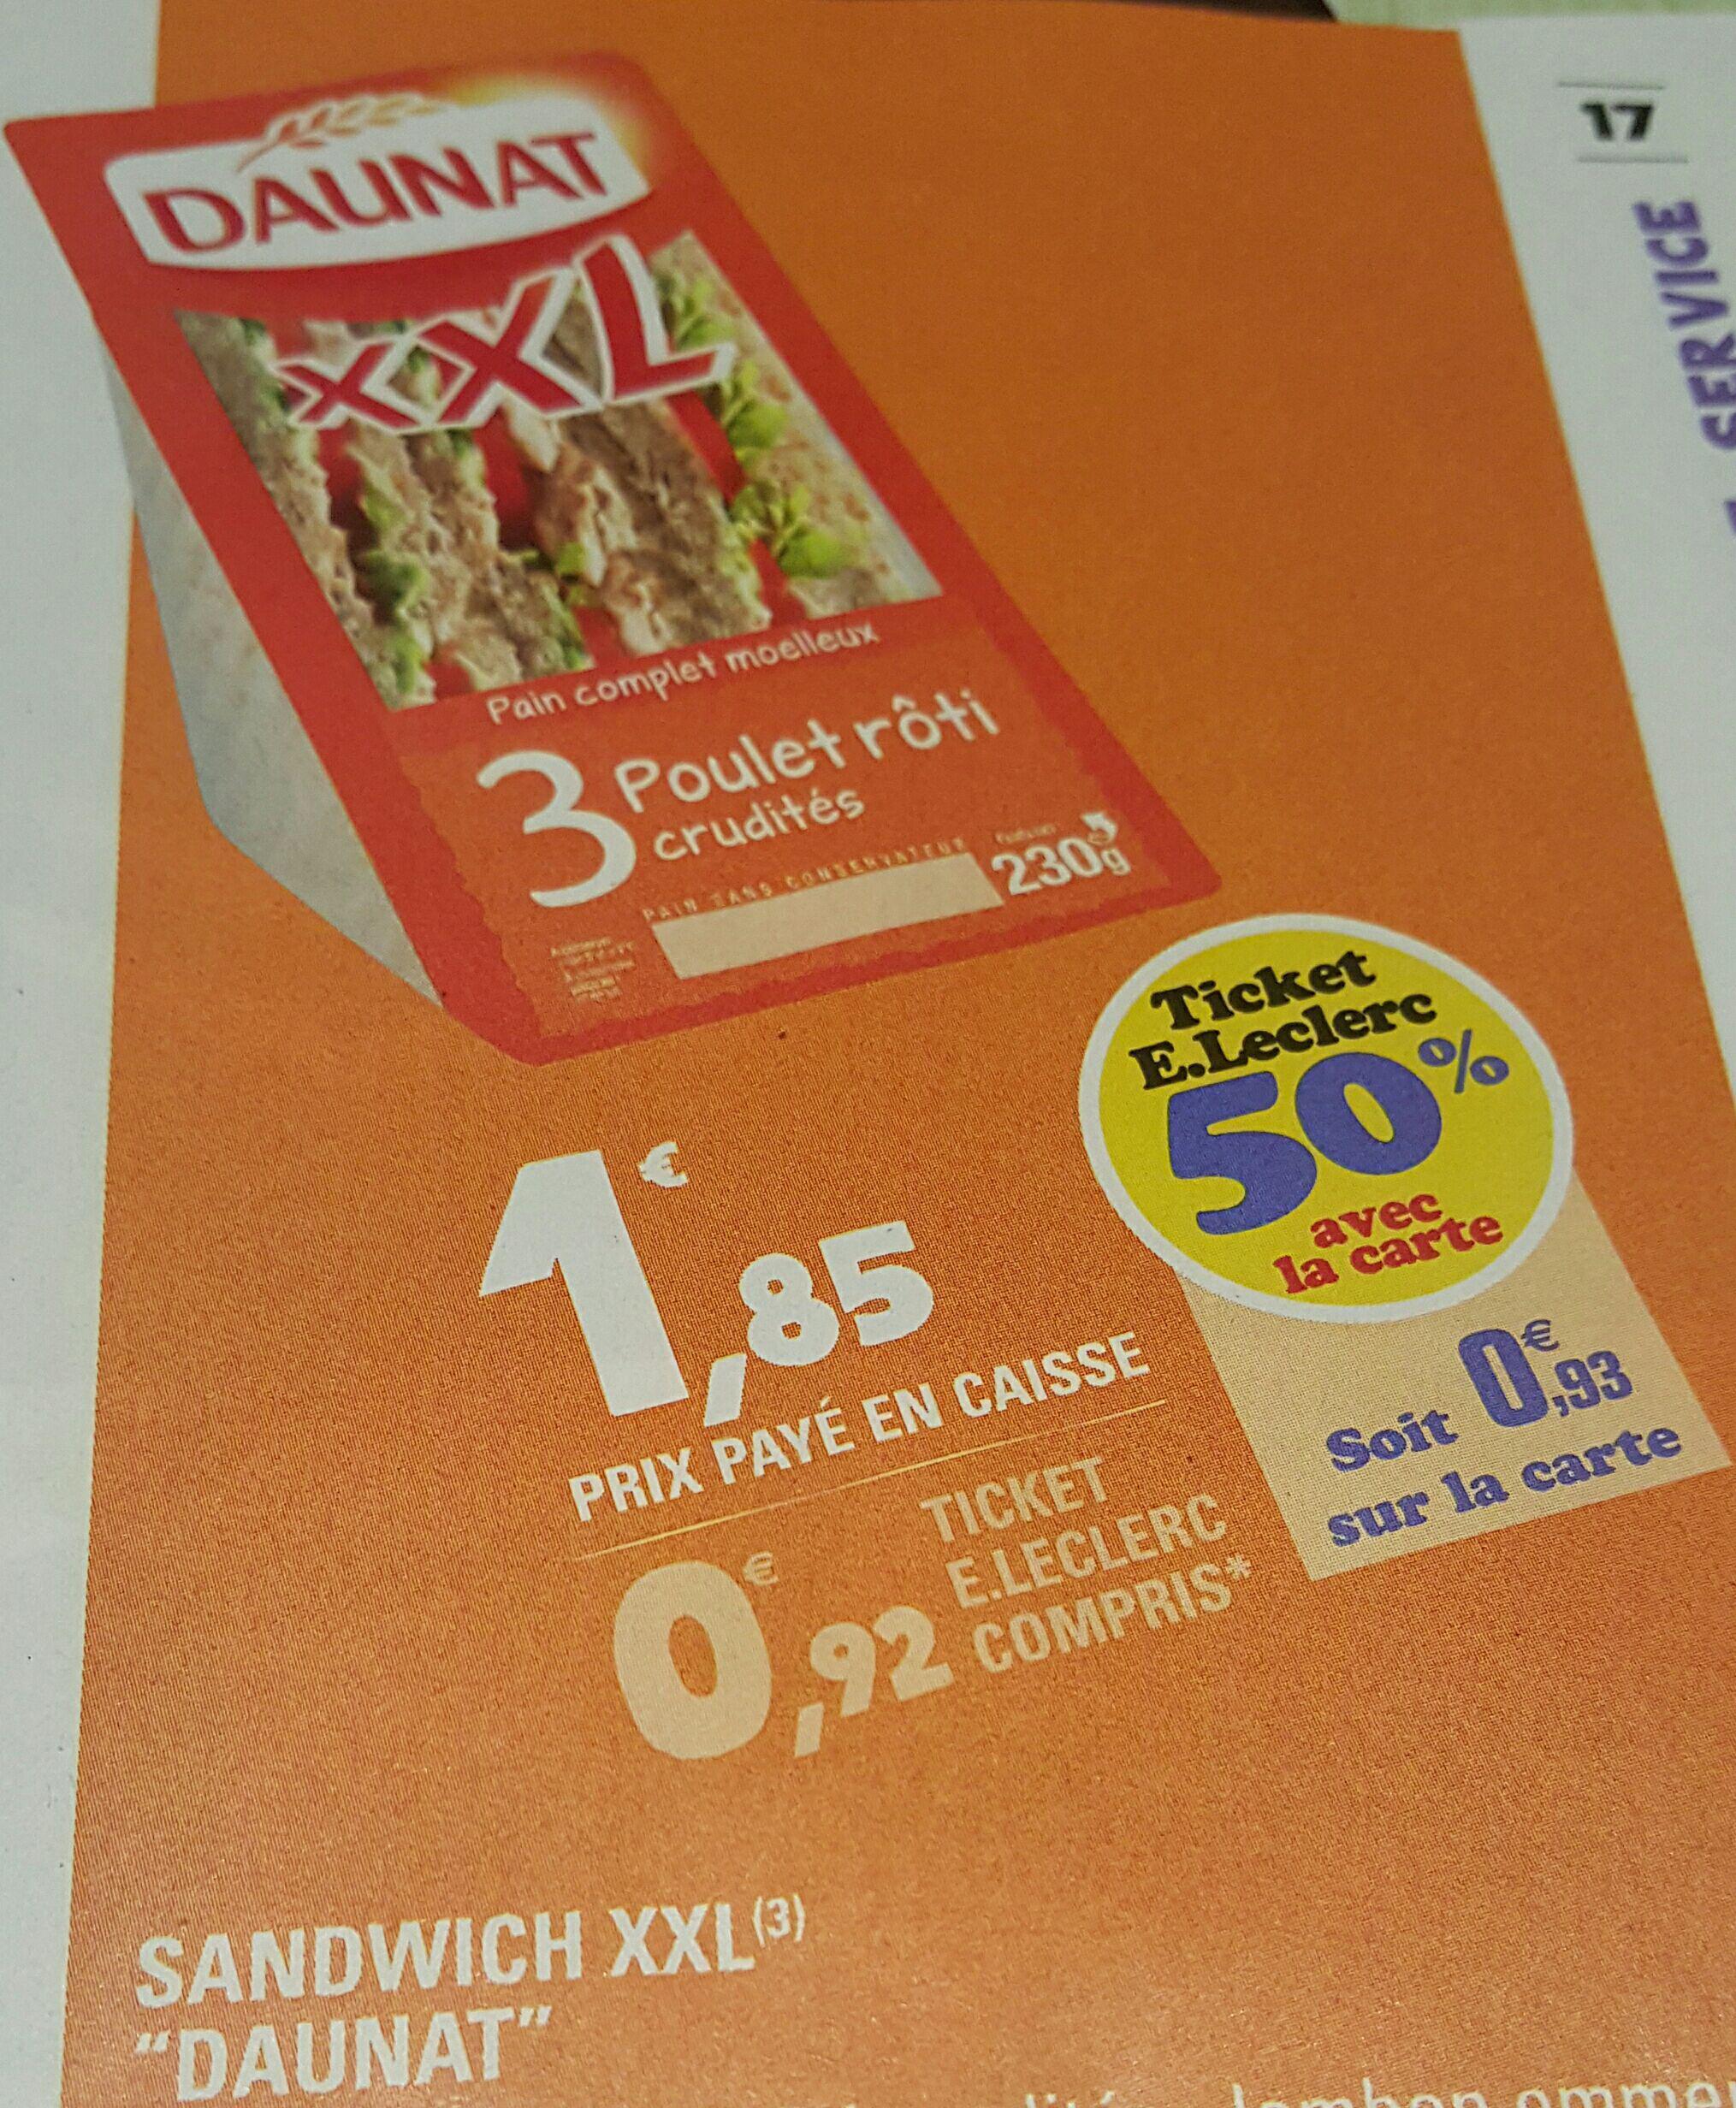 Sandwich XXL Daunat - Poulet rôti crudités (0,93€ sur le carte + BDR de 0,50€)